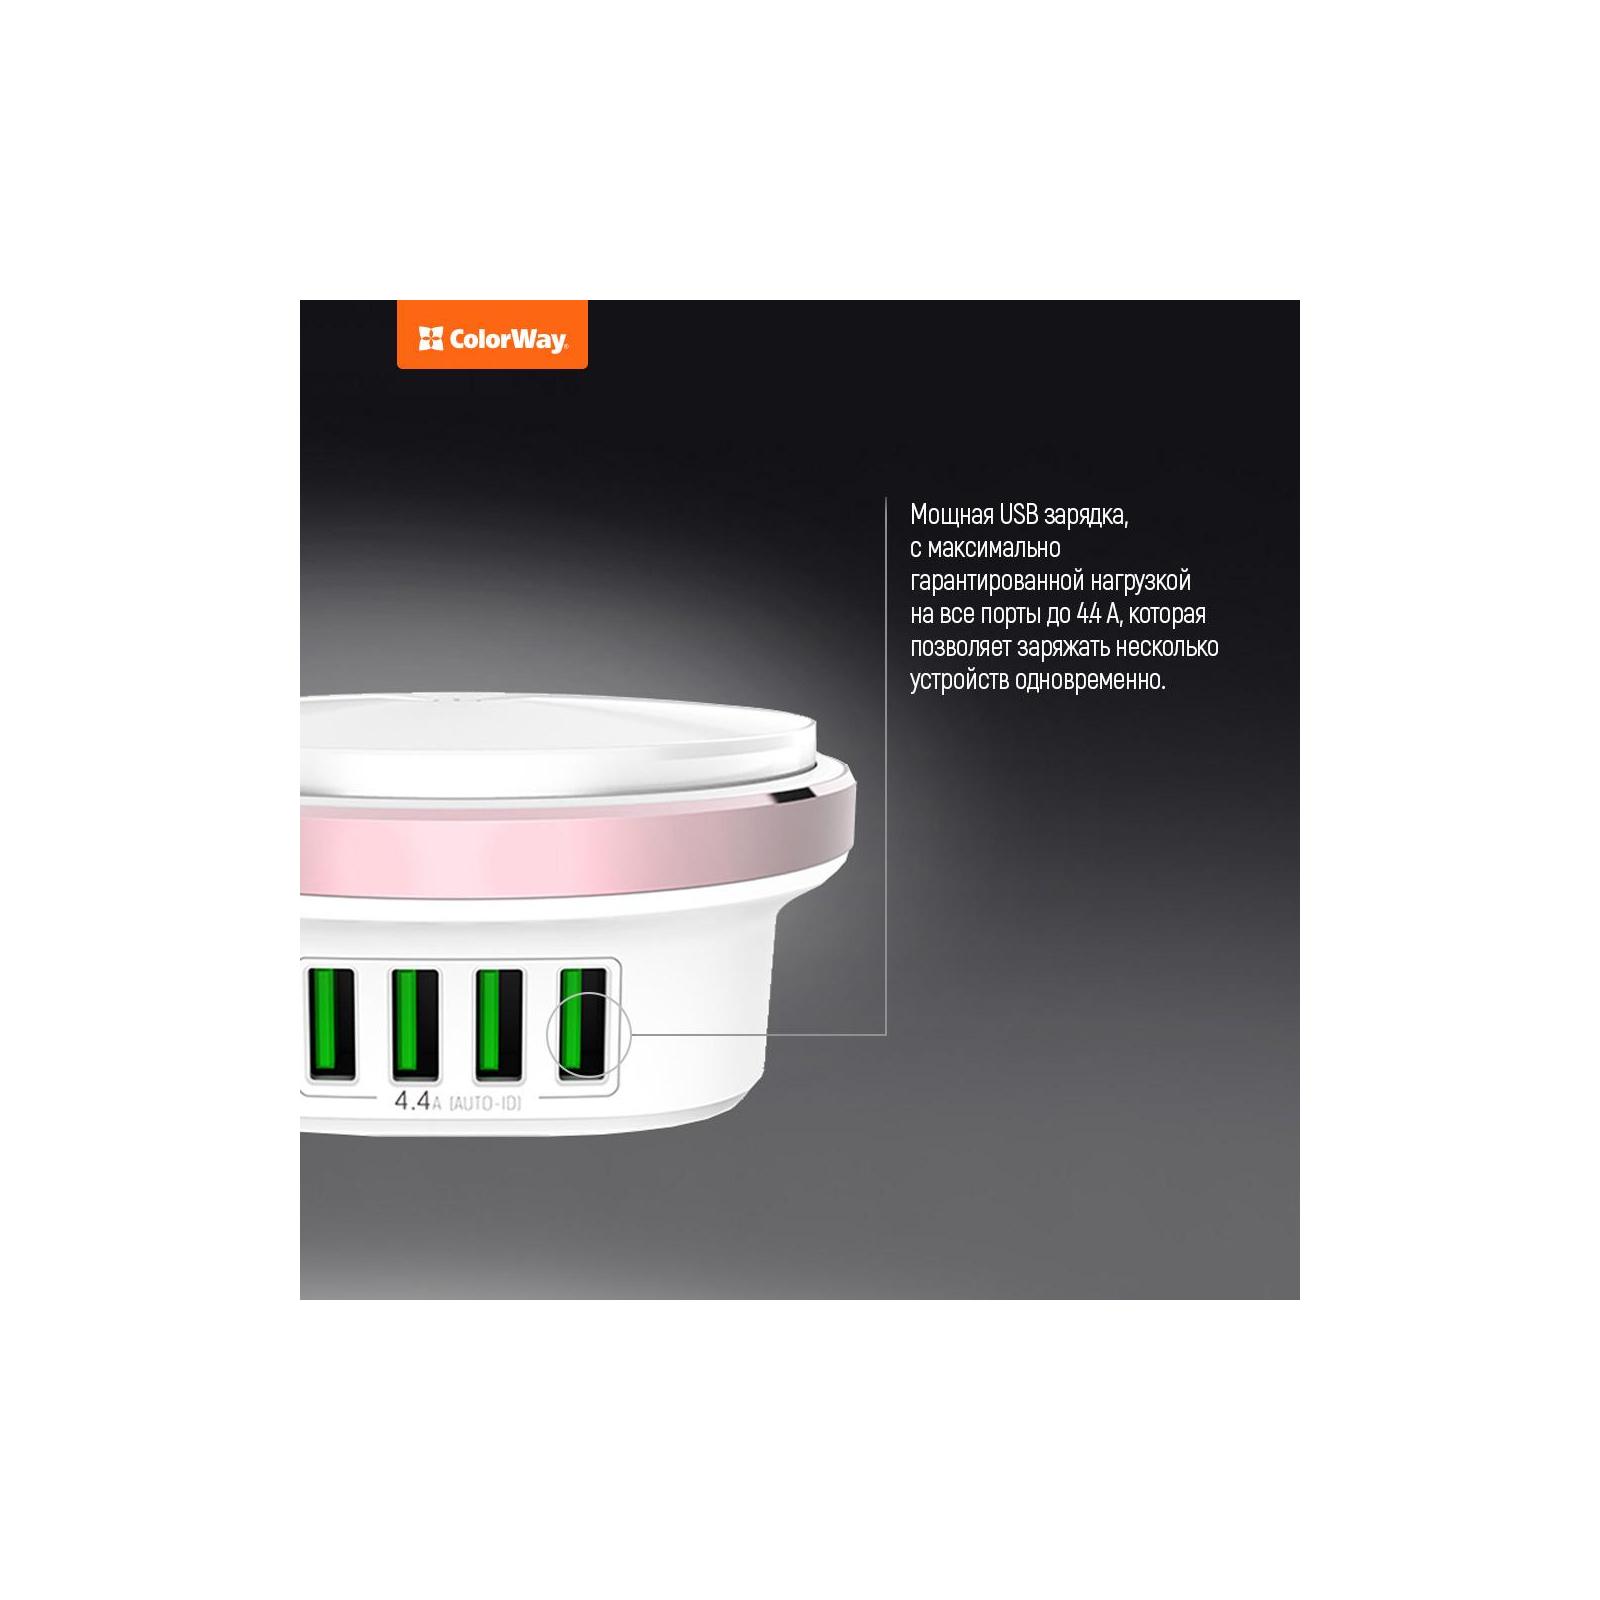 Зарядное устройство ColorWay 4*USB 4.4А + LED лампа 310 Lm (CW-CHL44A) изображение 6